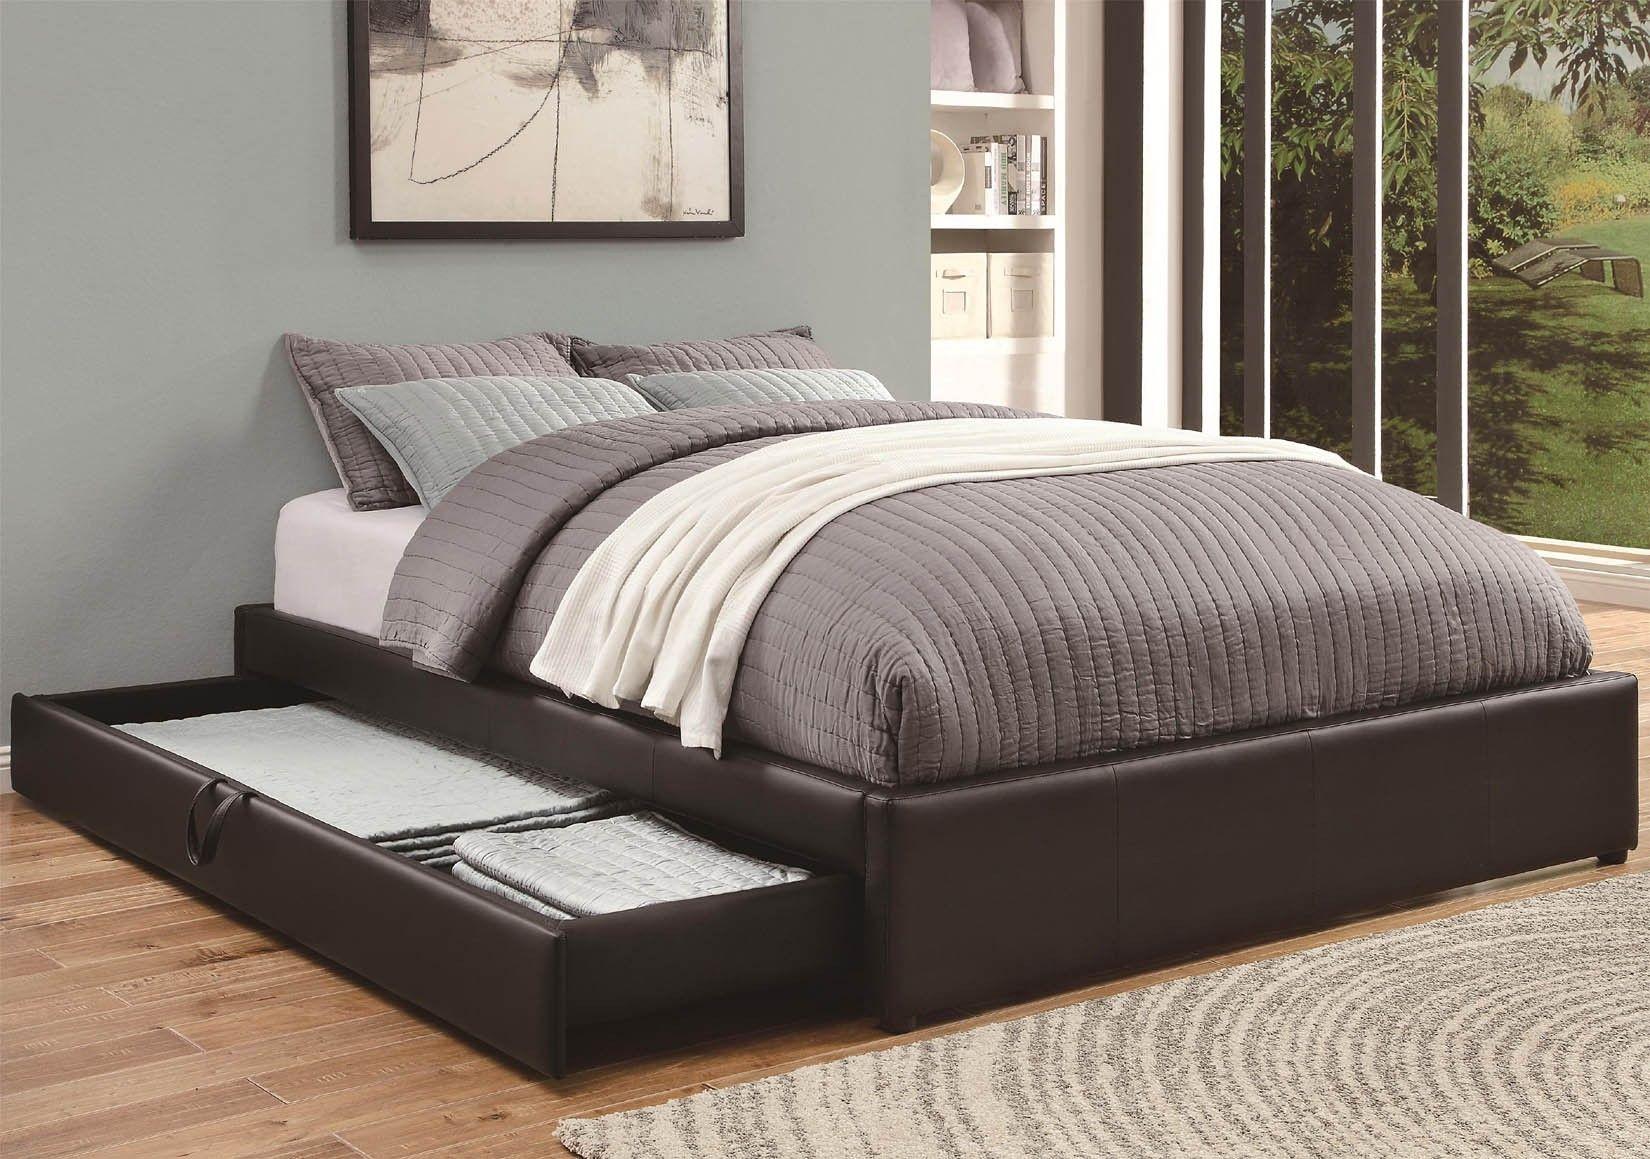 Modern Bed Storage Bed Set Design